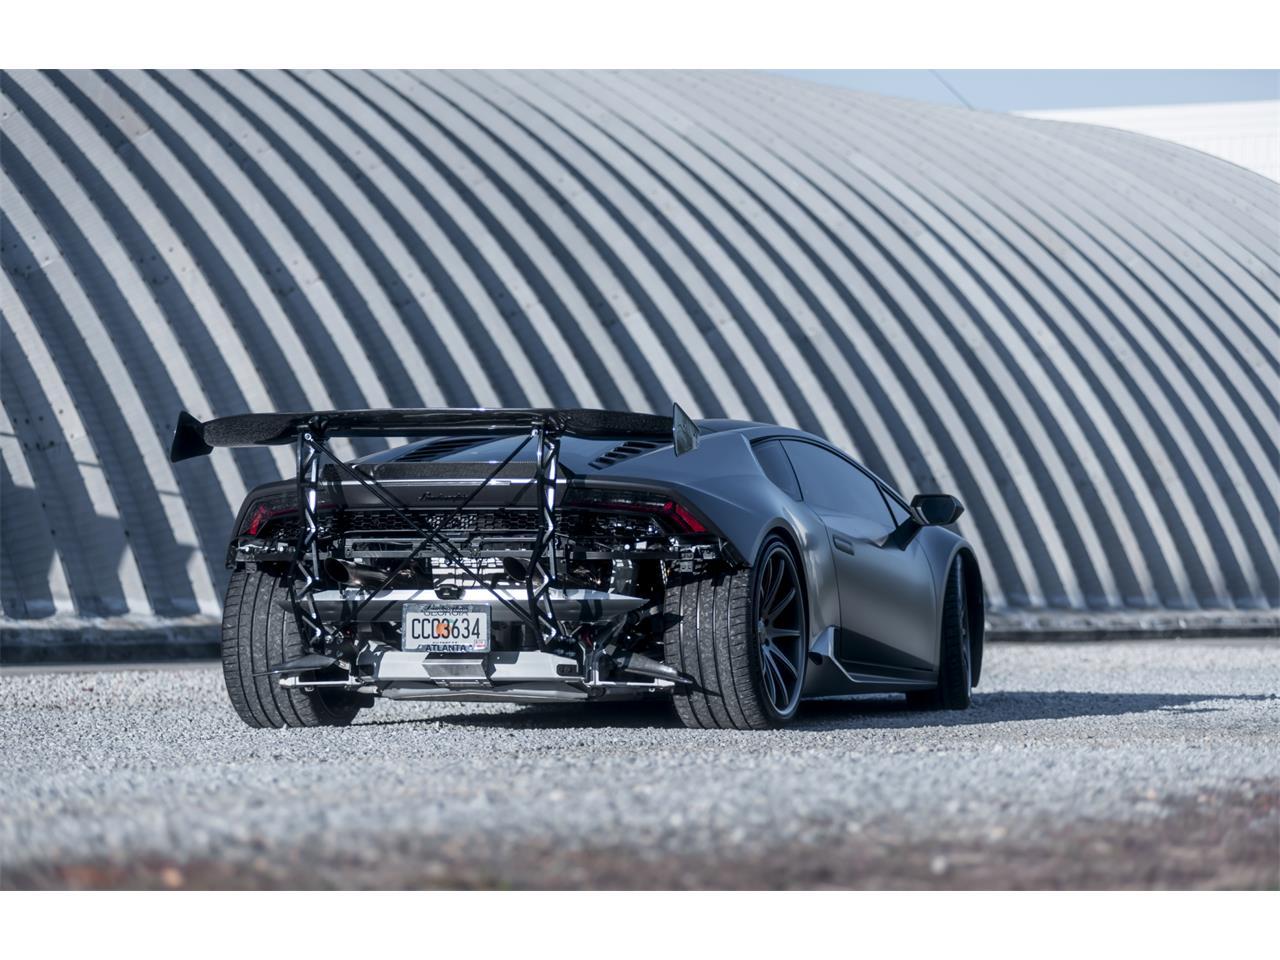 2015 Lamborghini Huracan (CC-1262845) for sale in Norcross, Georgia